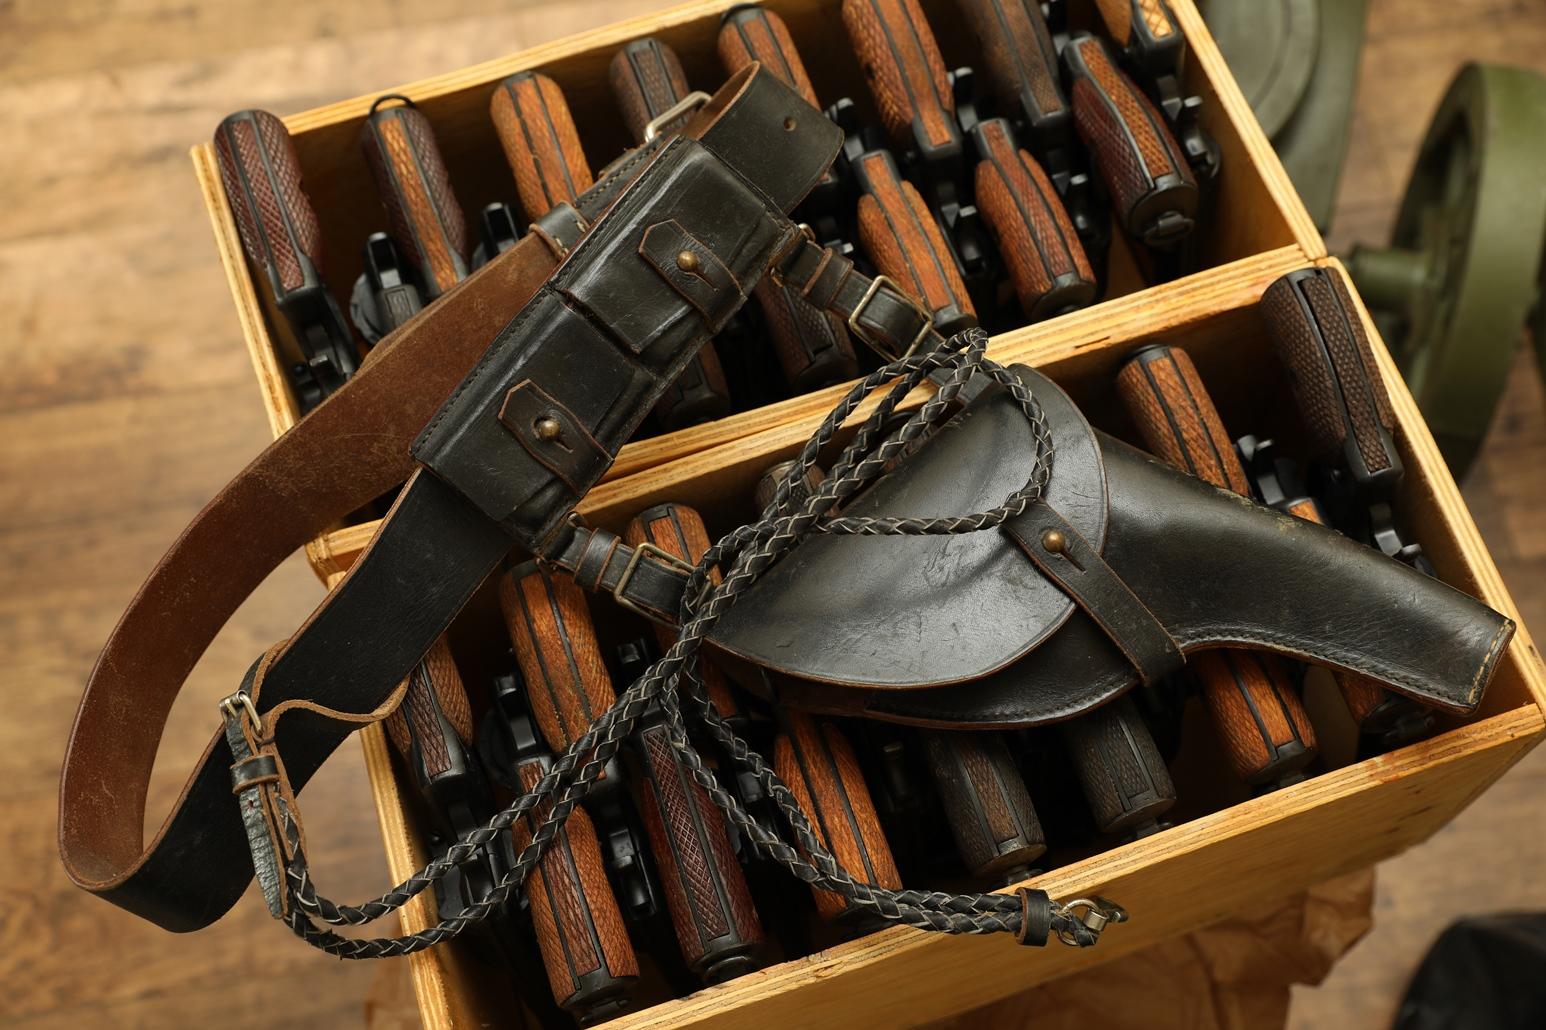 Фото Комплект снаряжения для револьвера Наган, 1934 год, ранний «морячок»